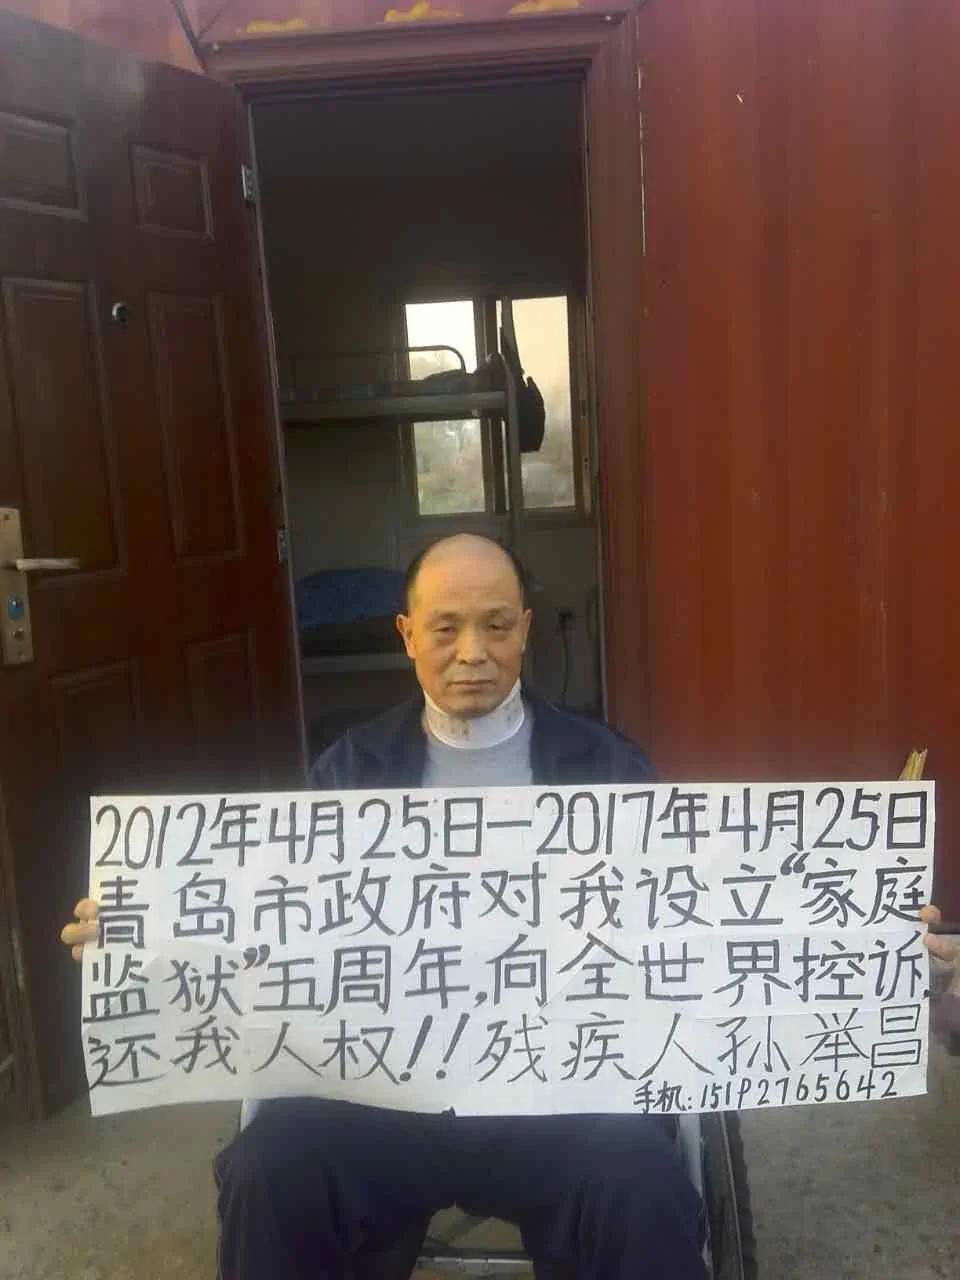 """山东残疾访民抗议5年""""家狱"""" 孕妇天安门前""""裸访"""" 遭行拘"""